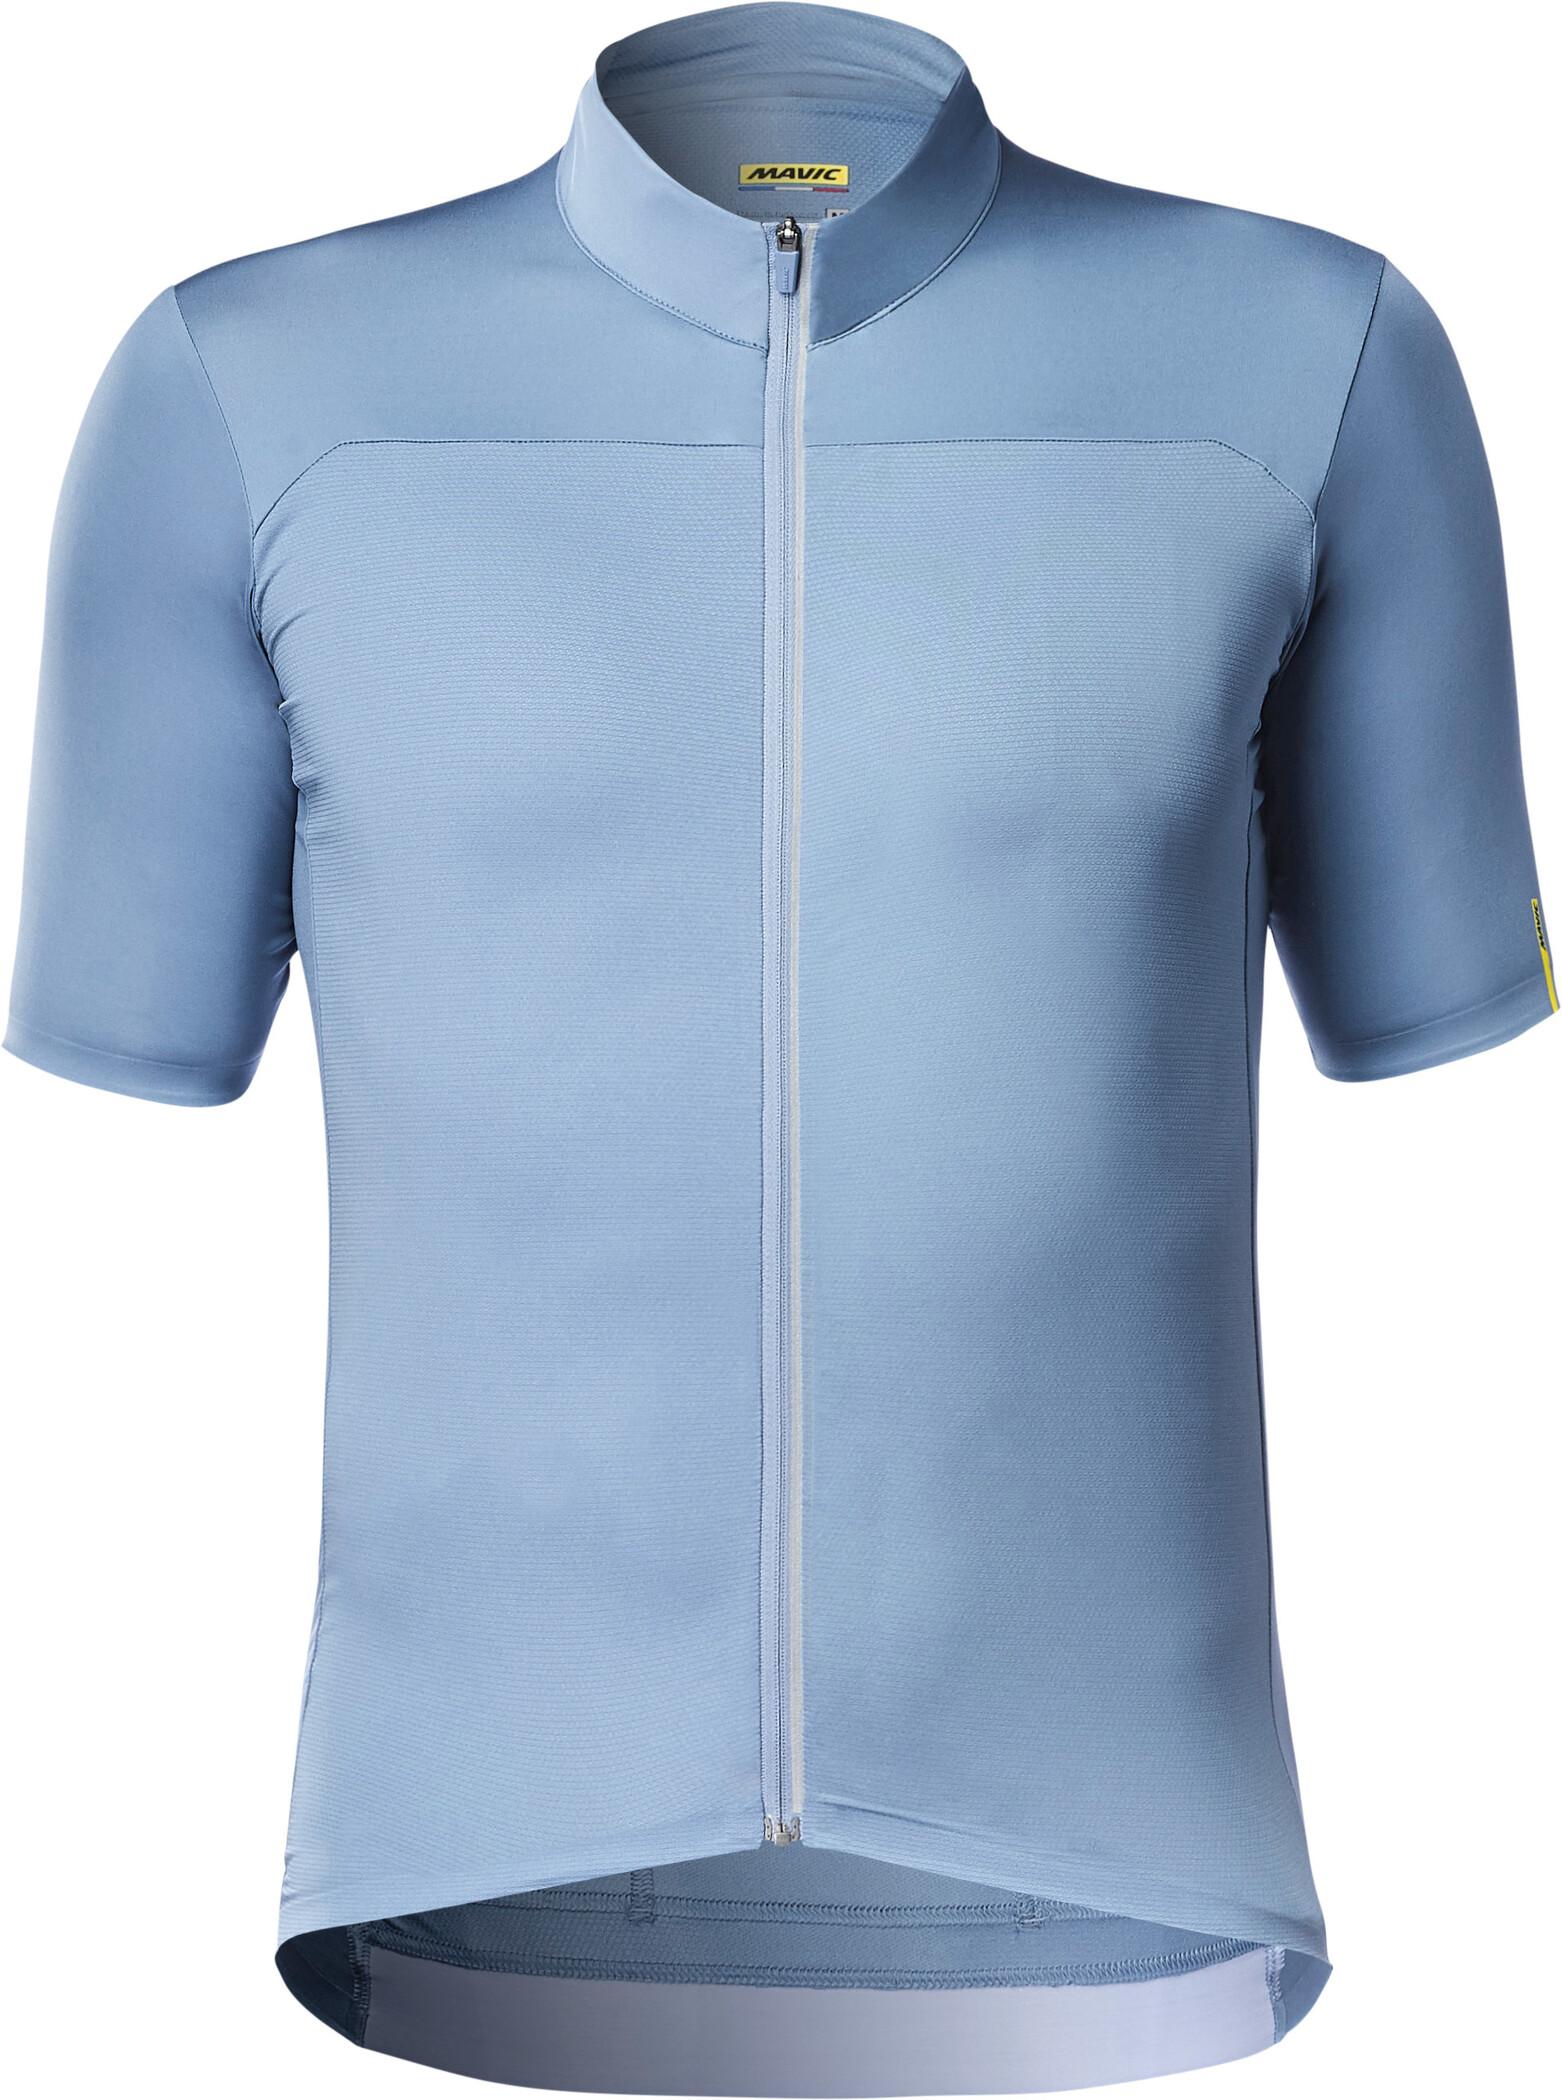 Men's ADIDAS ORIGINALS L Vintage Retro Shiny Blue Sprinter